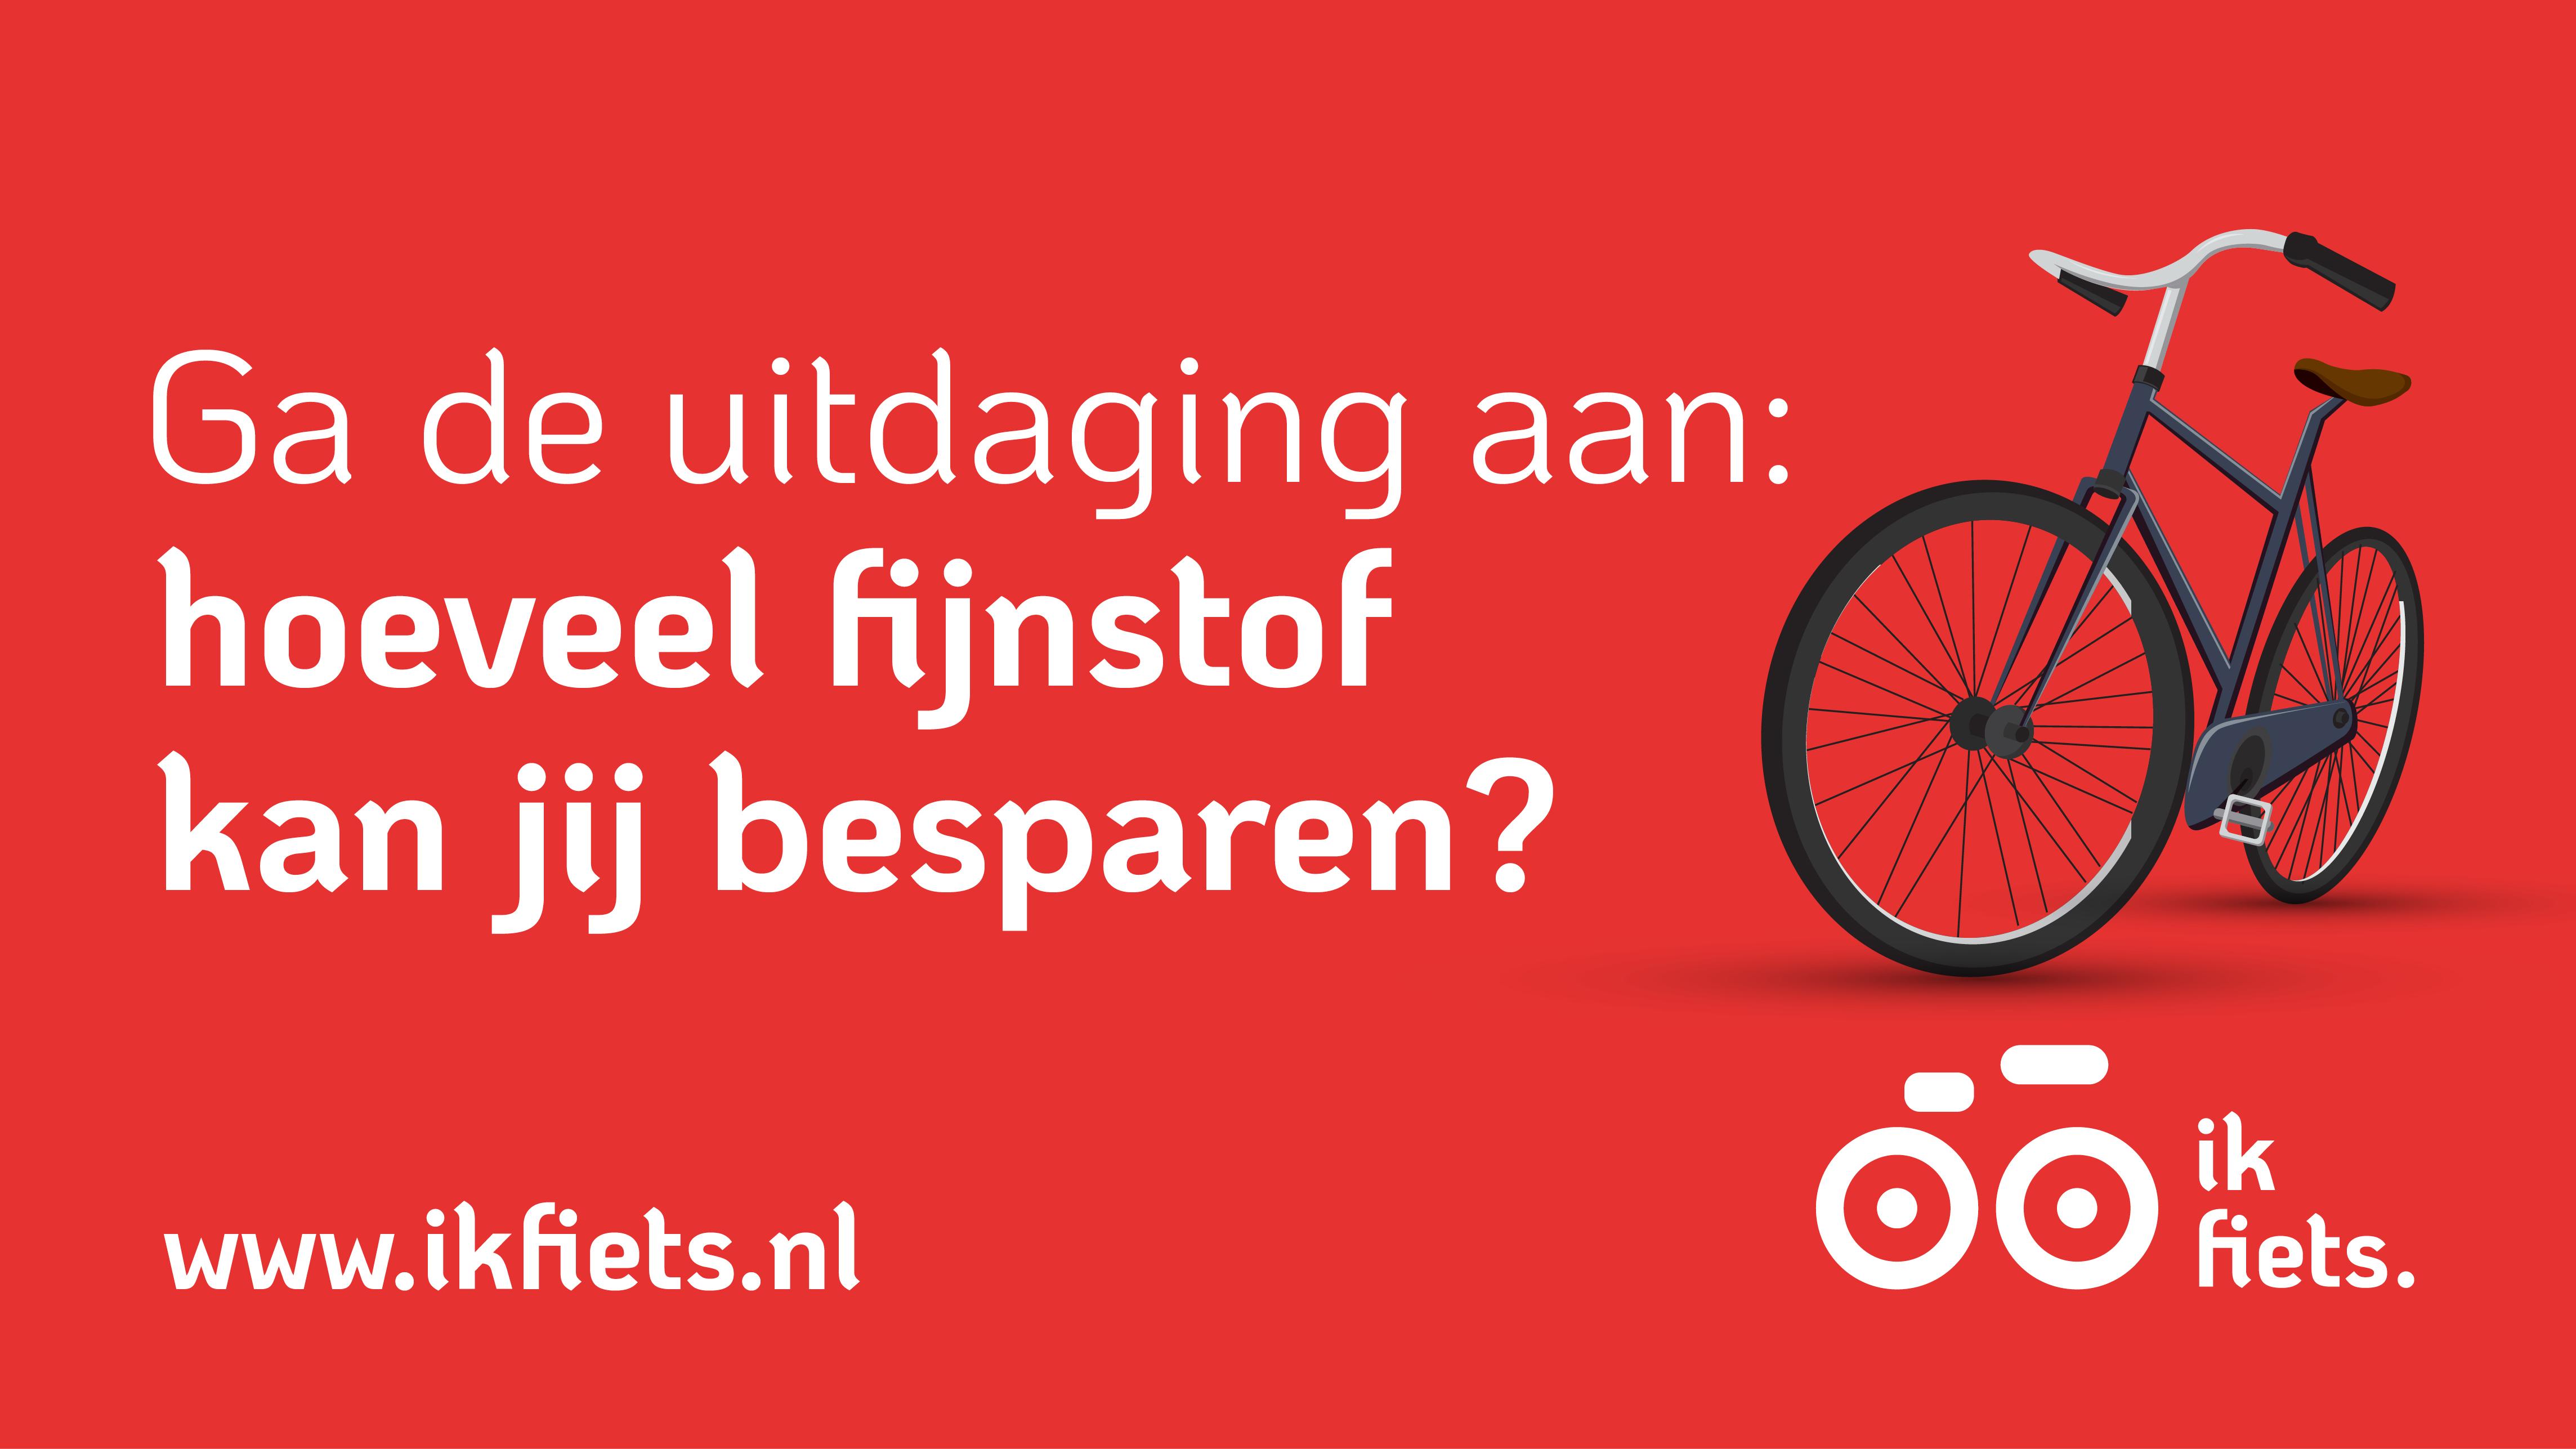 Ga met Ik fiets de uitdaging aan